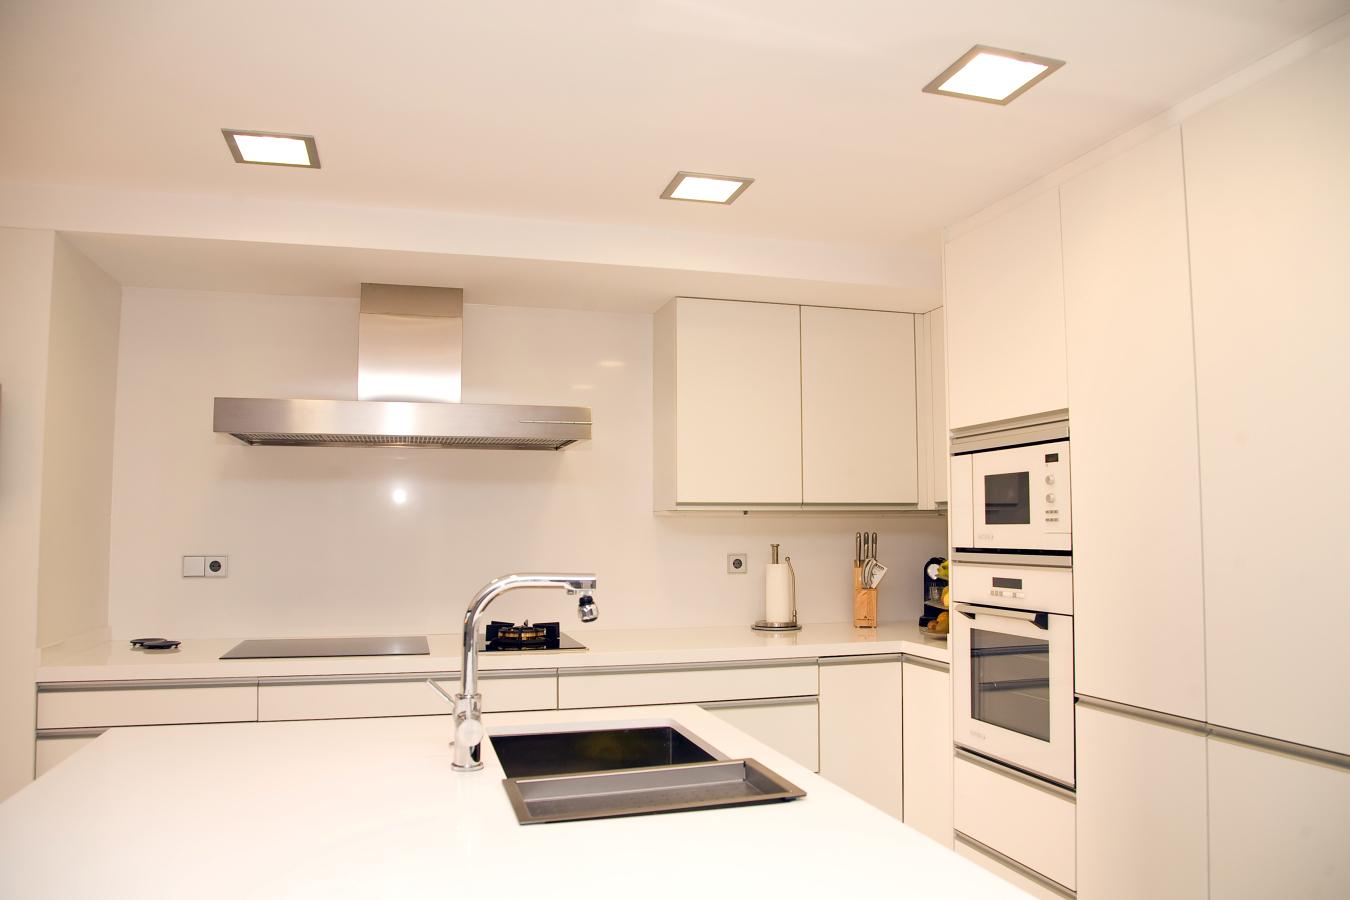 Foto proyecto cocina en valencia de de color greige - Cocinas en valencia ...